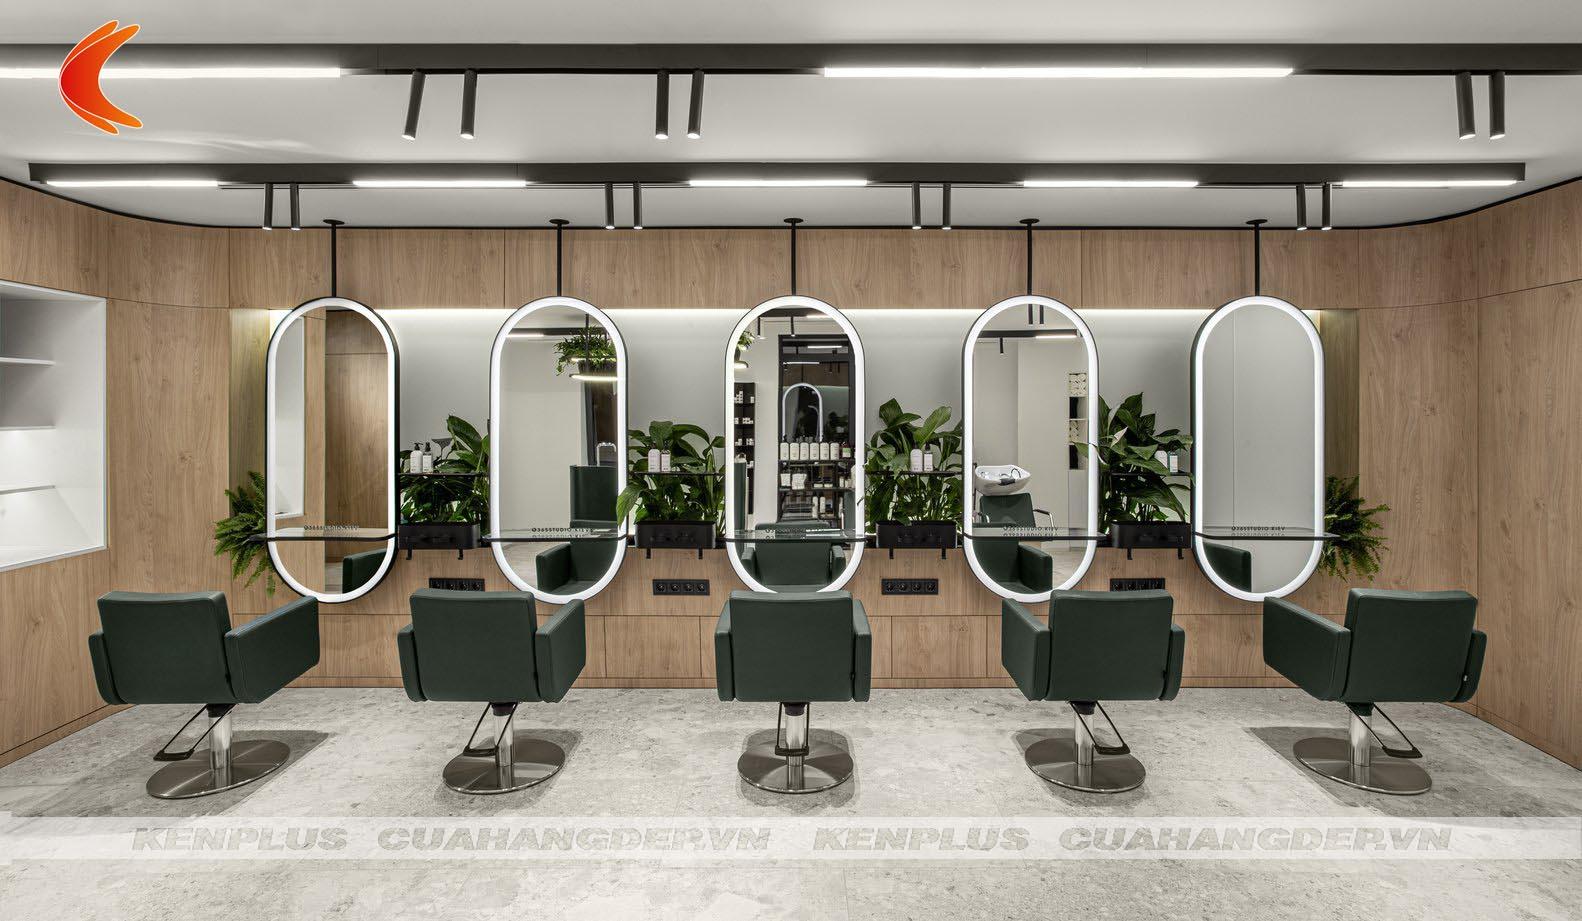 Thiết kế thi công tiệm tóc cần bao nhiều vốn?